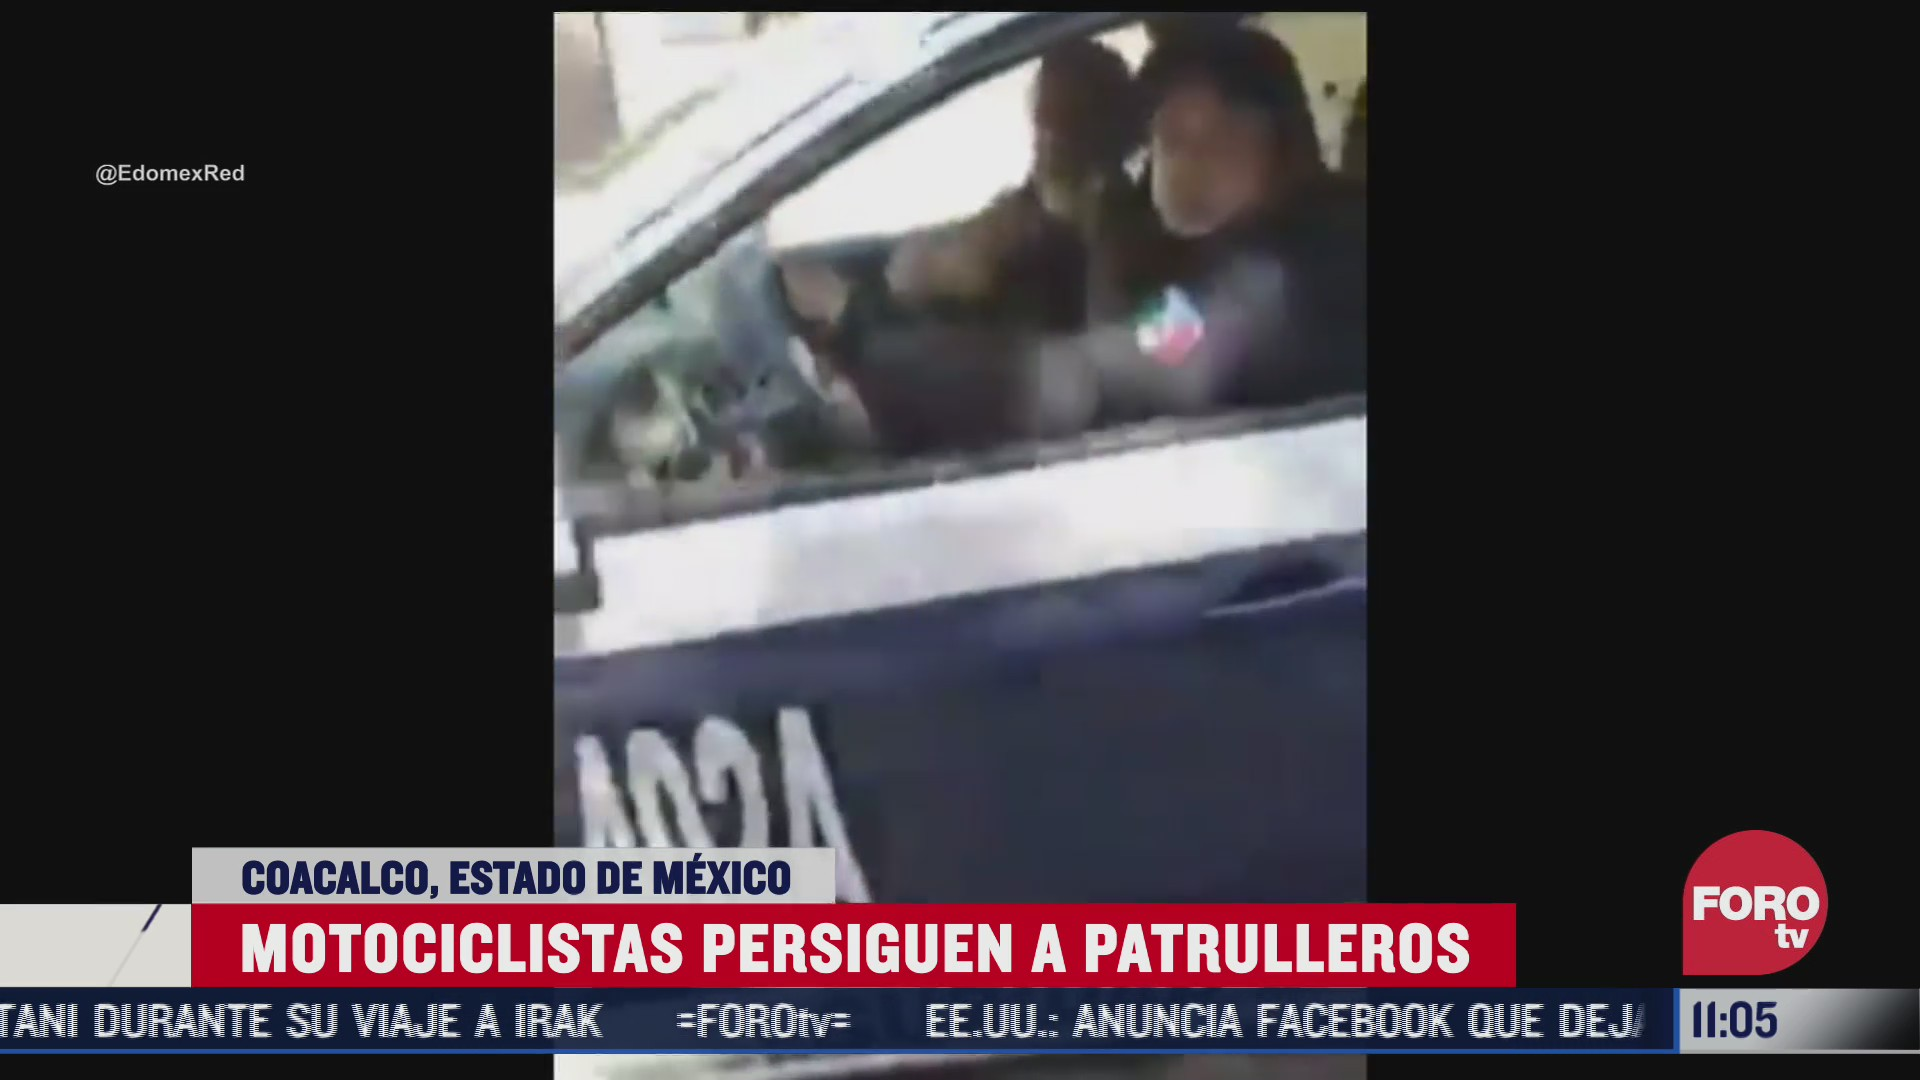 motociclistas persiguen a patrulleros en coacalco